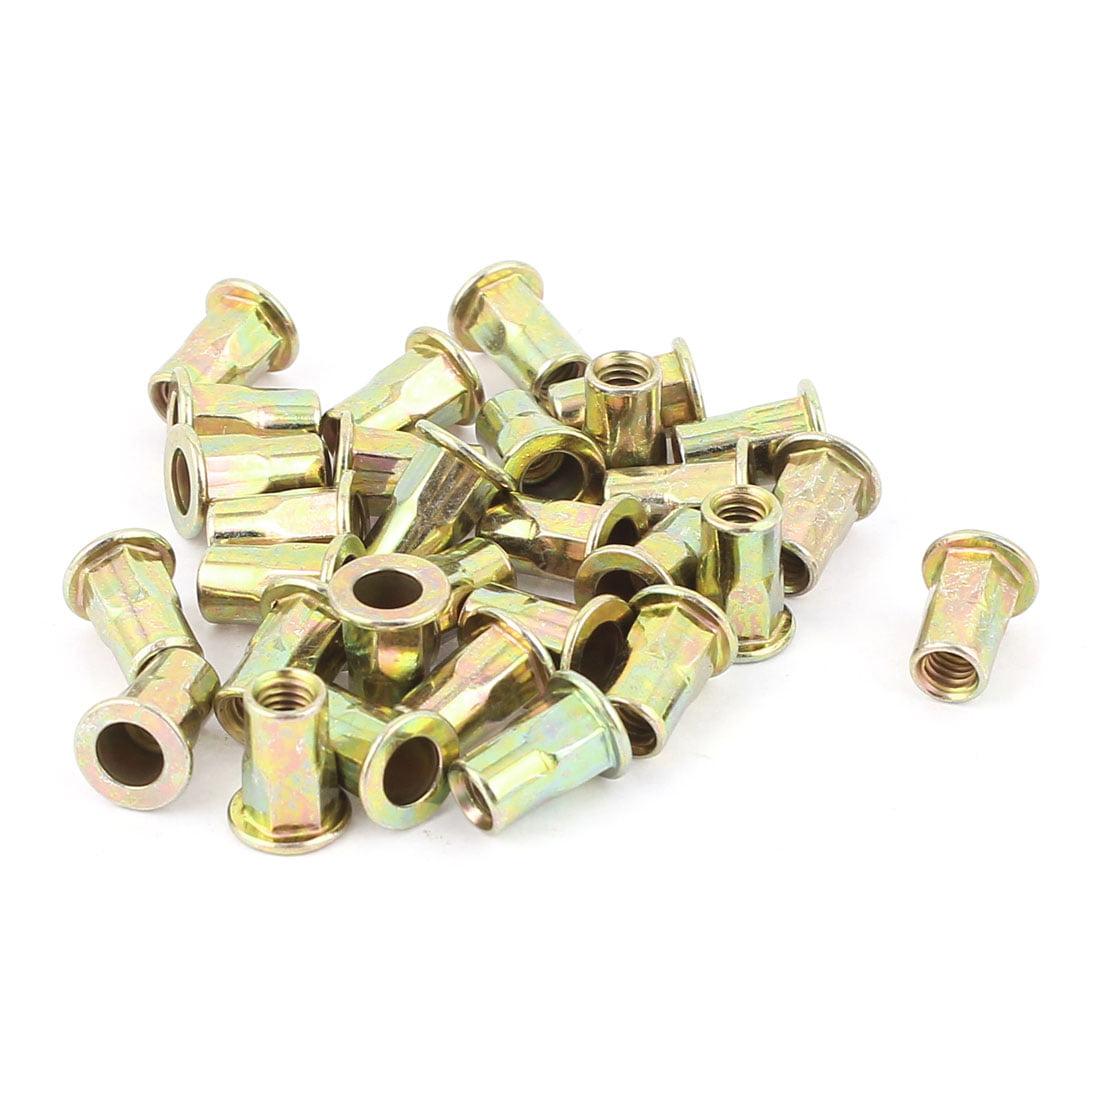 4mmx10.5mm Flat Head Metal Rivet Nut  Insert Nutsert Gold Tone 30Pcs